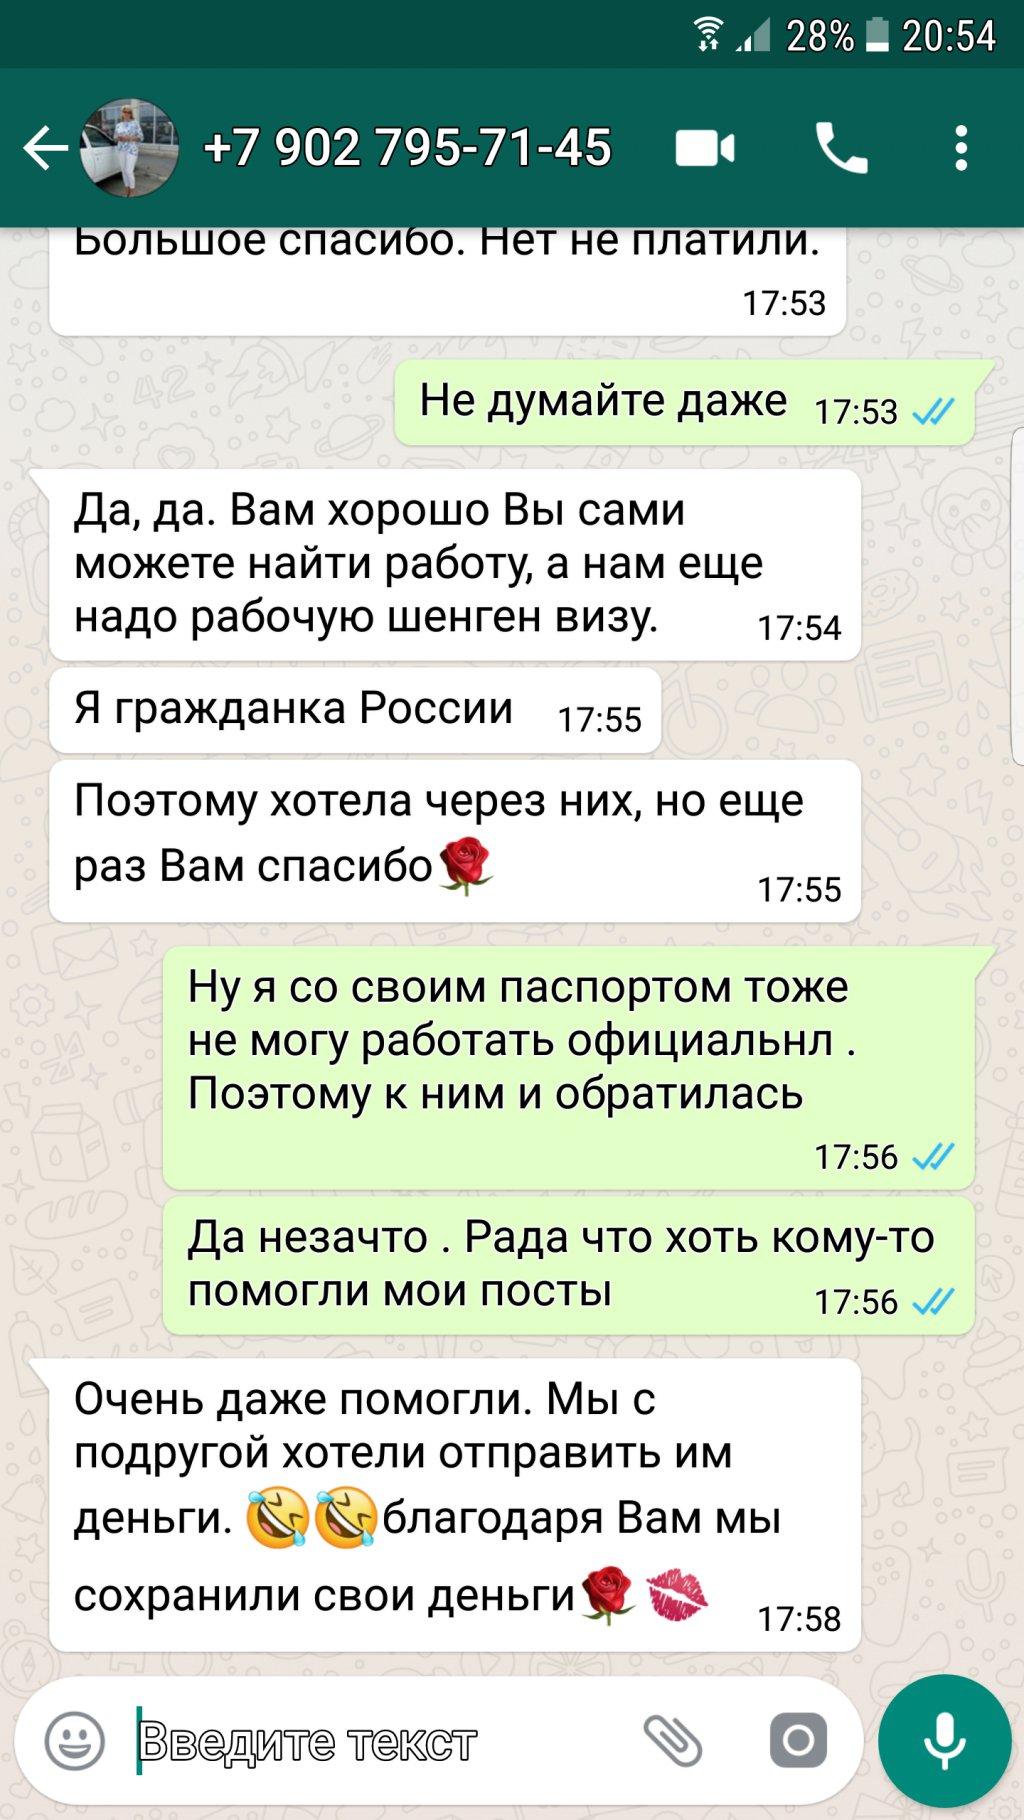 Денис Вороненков - Лексио мошенники